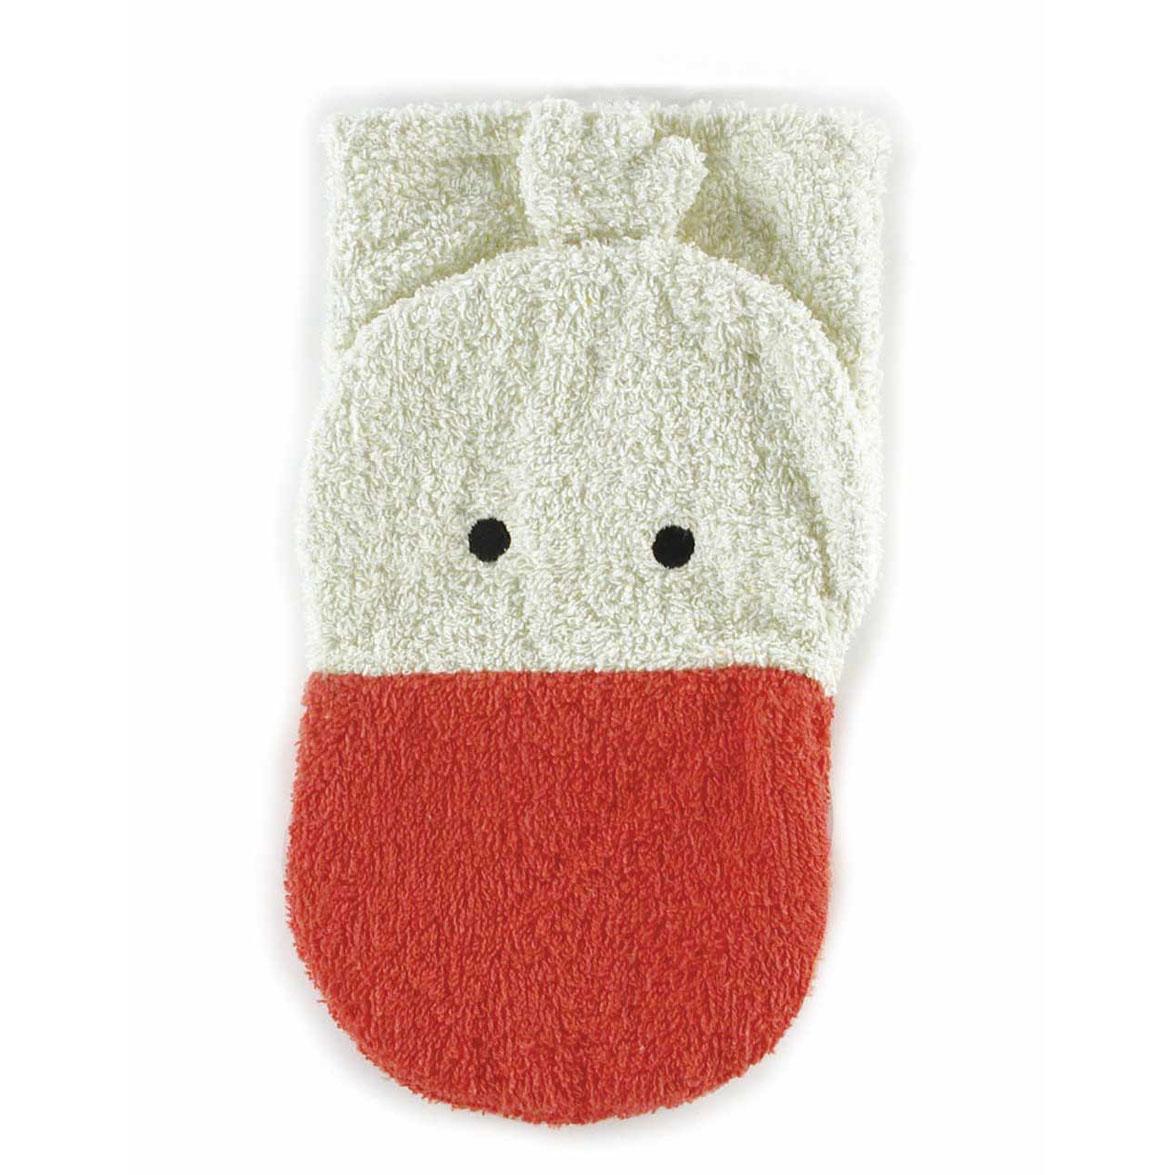 Fürnis Tier-Waschlappen Gans Bio-Baumwolle - zuckerfrei | Kids Concept Store